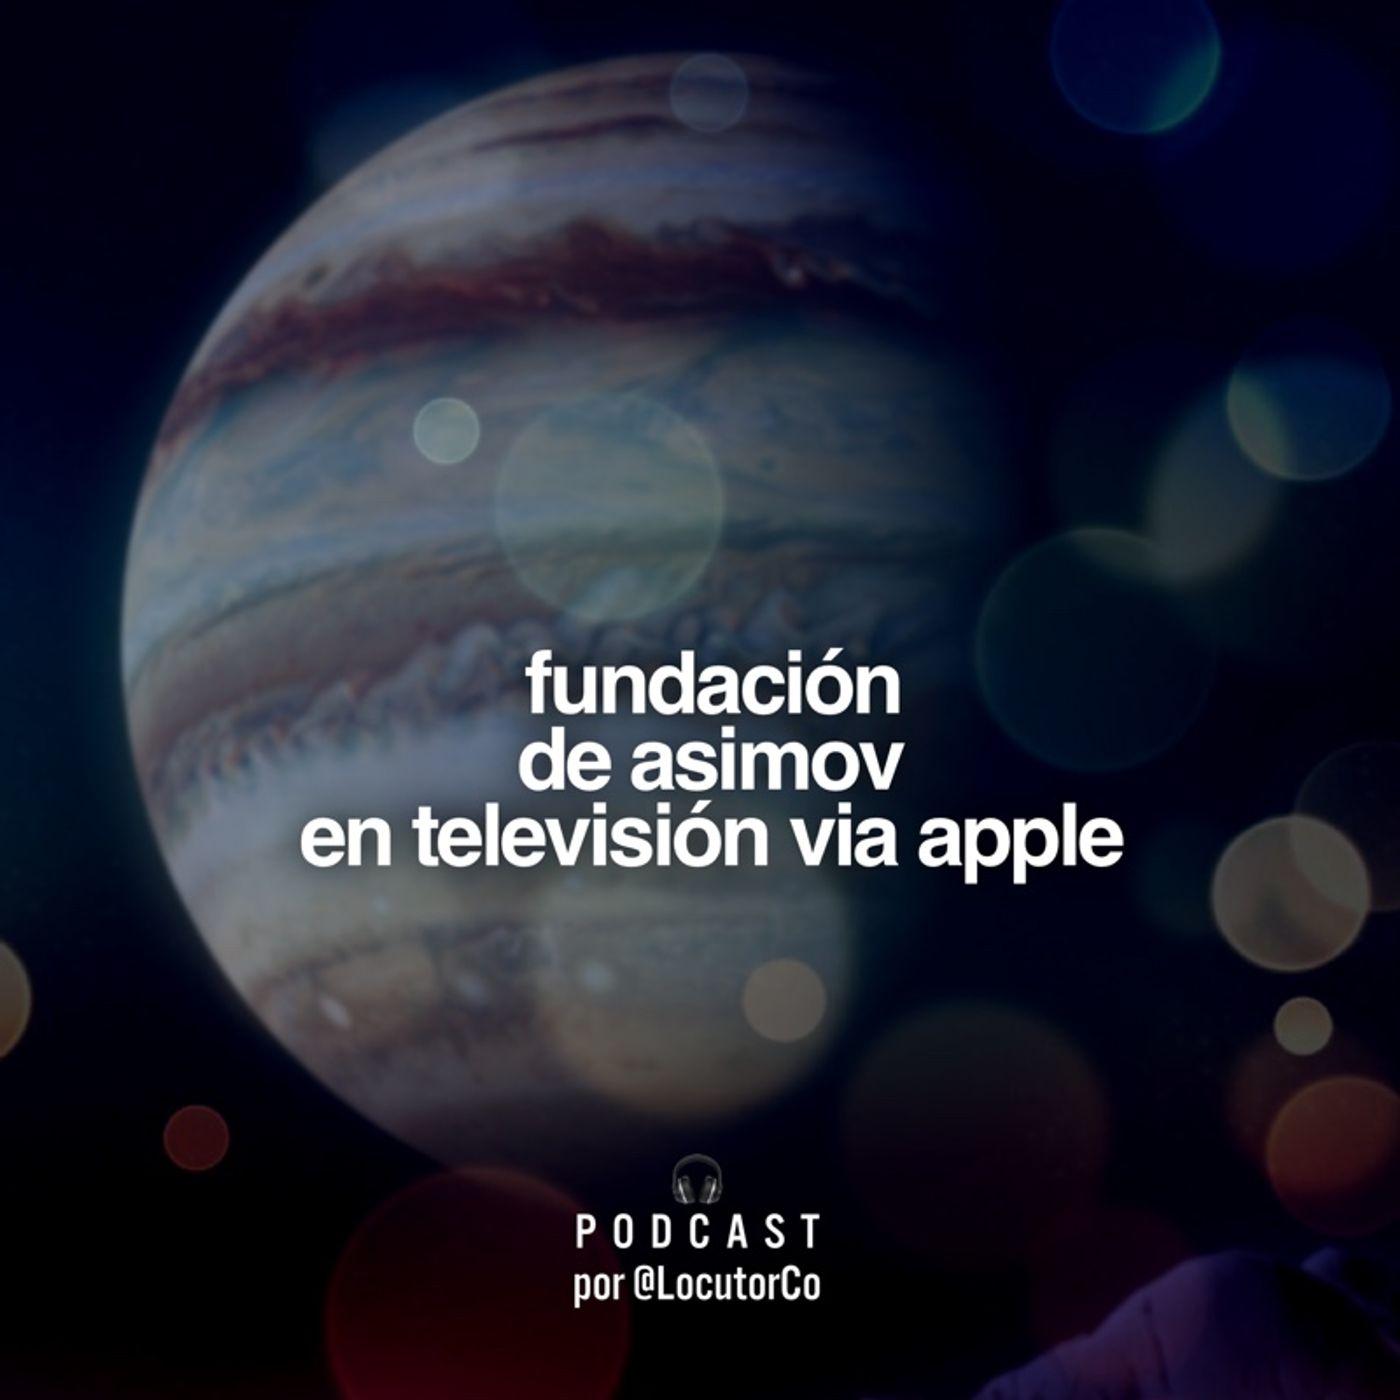 Fundación de Asimov en TV vía Apple